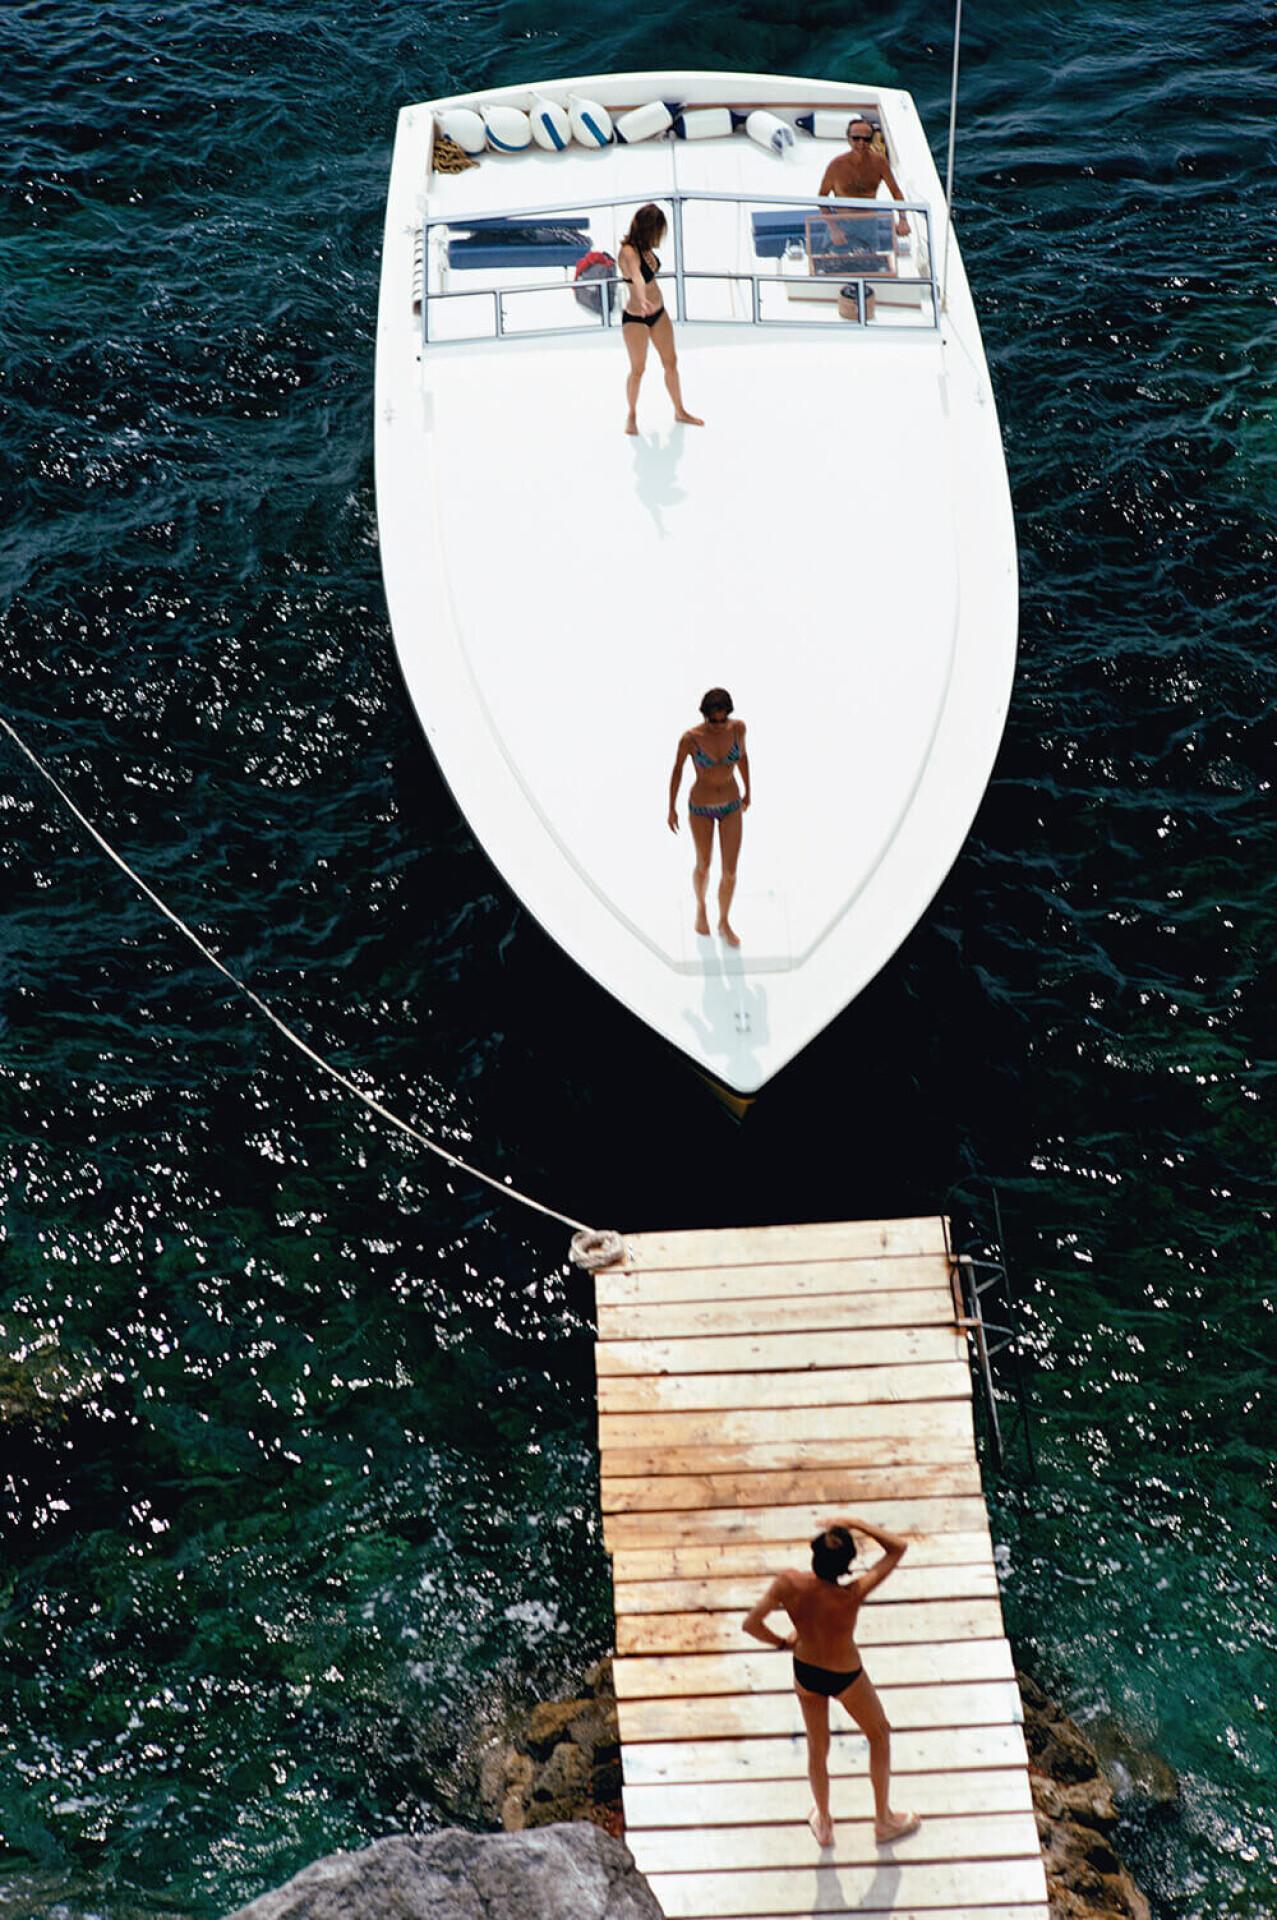 Моторная лодка у частного причала Hotel Il Pellicano в Порто-Эрколе, Италия, 1973. Фотограф Слим Ааронс